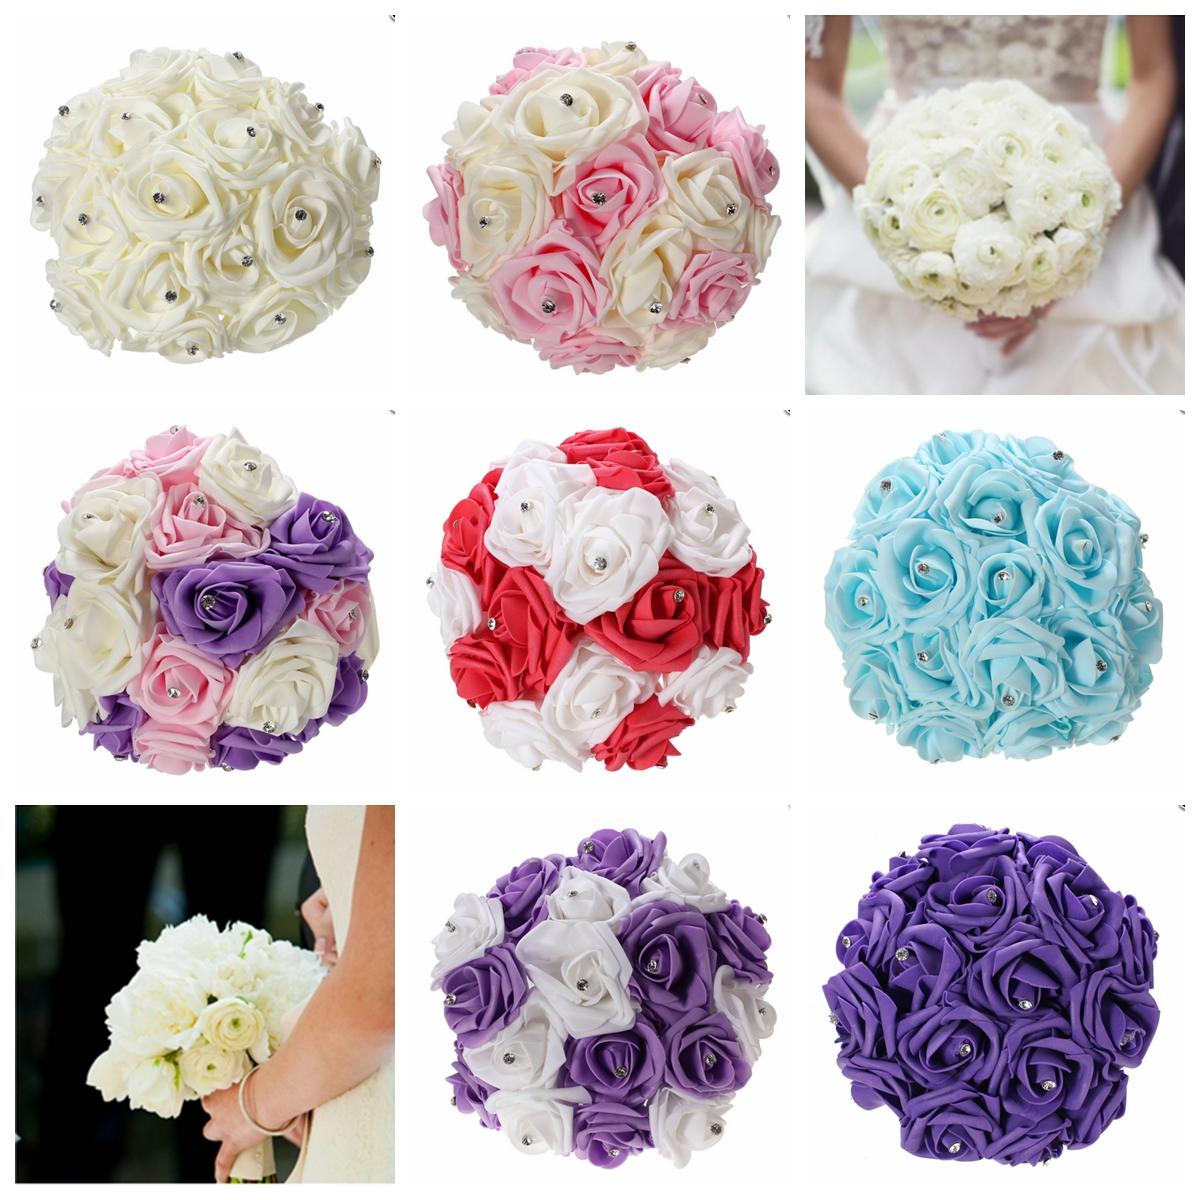 30cm / 11.8'' Crystal Foam Flower Roses Wedding Bridal Bridesmaid Bouquet Posy